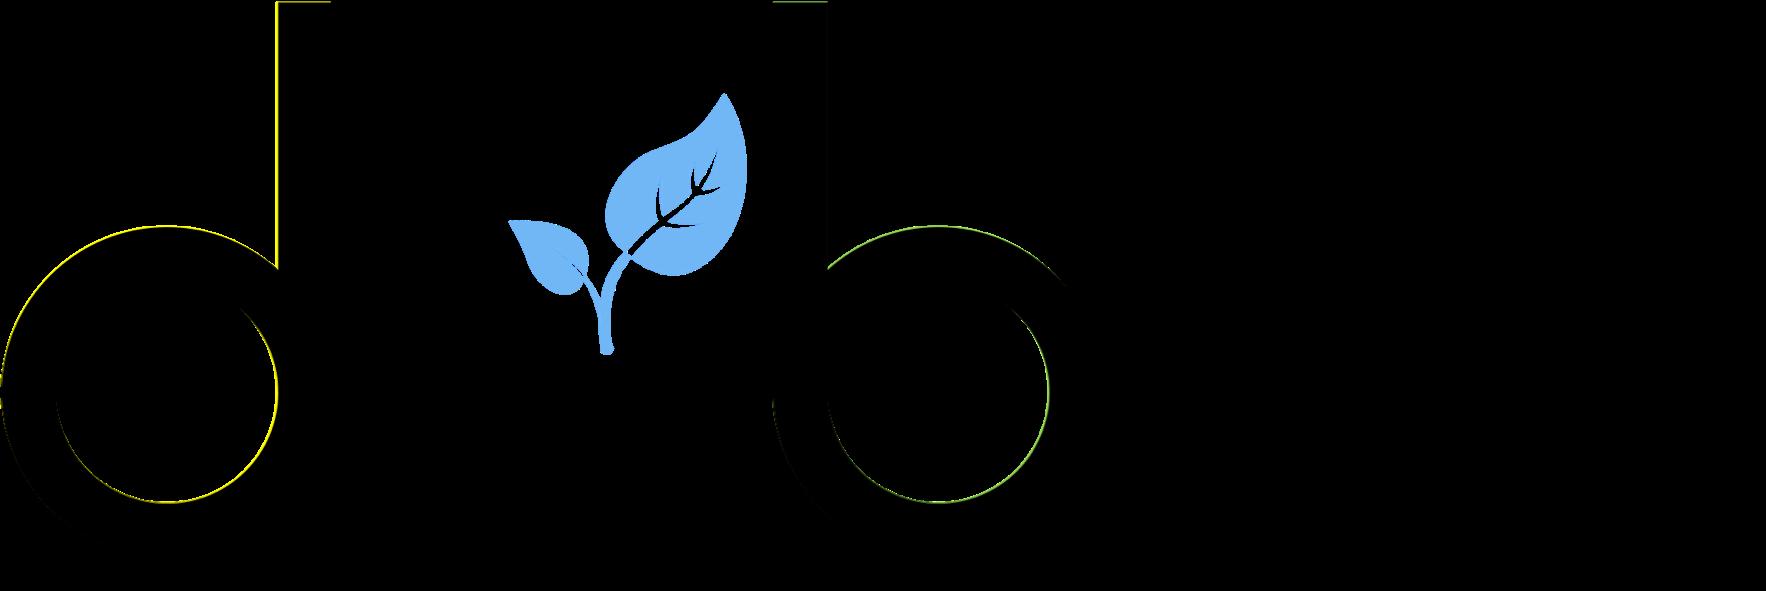 Black DilyBean logo.png